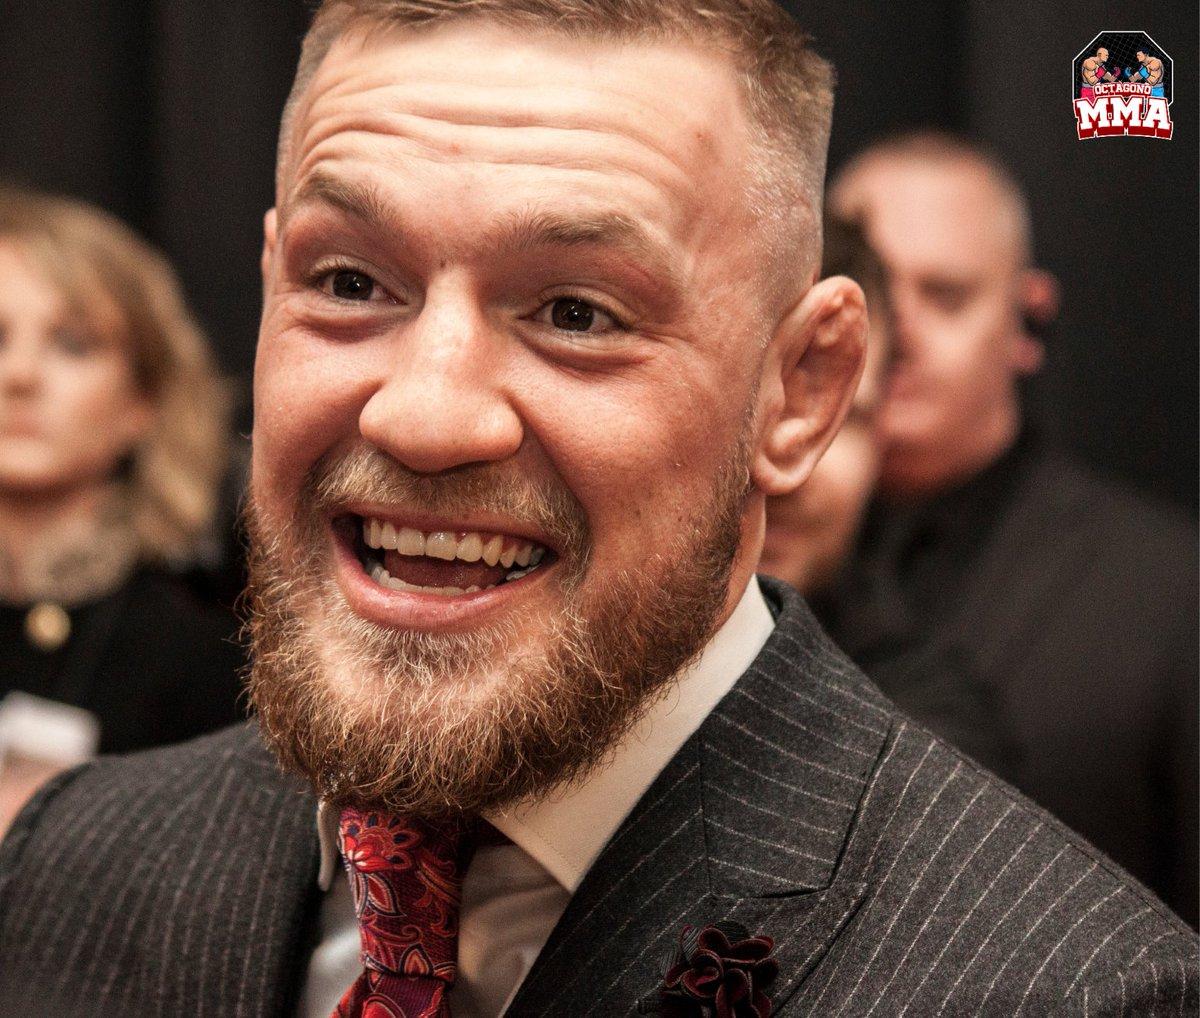 . @TheNotoriousMMA es, sin duda, el nombre más grande en el #UFC. Dana White incluso está en el registro diciendolo. Es el primer luchador no estadounidense en tener 2 títulos mundiales en 2 clases de peso diferentes. 🔥 Link en bio para lo ultimo en #ufcnoticias 🔥 #octagonomma https://t.co/qeArVf0QdS